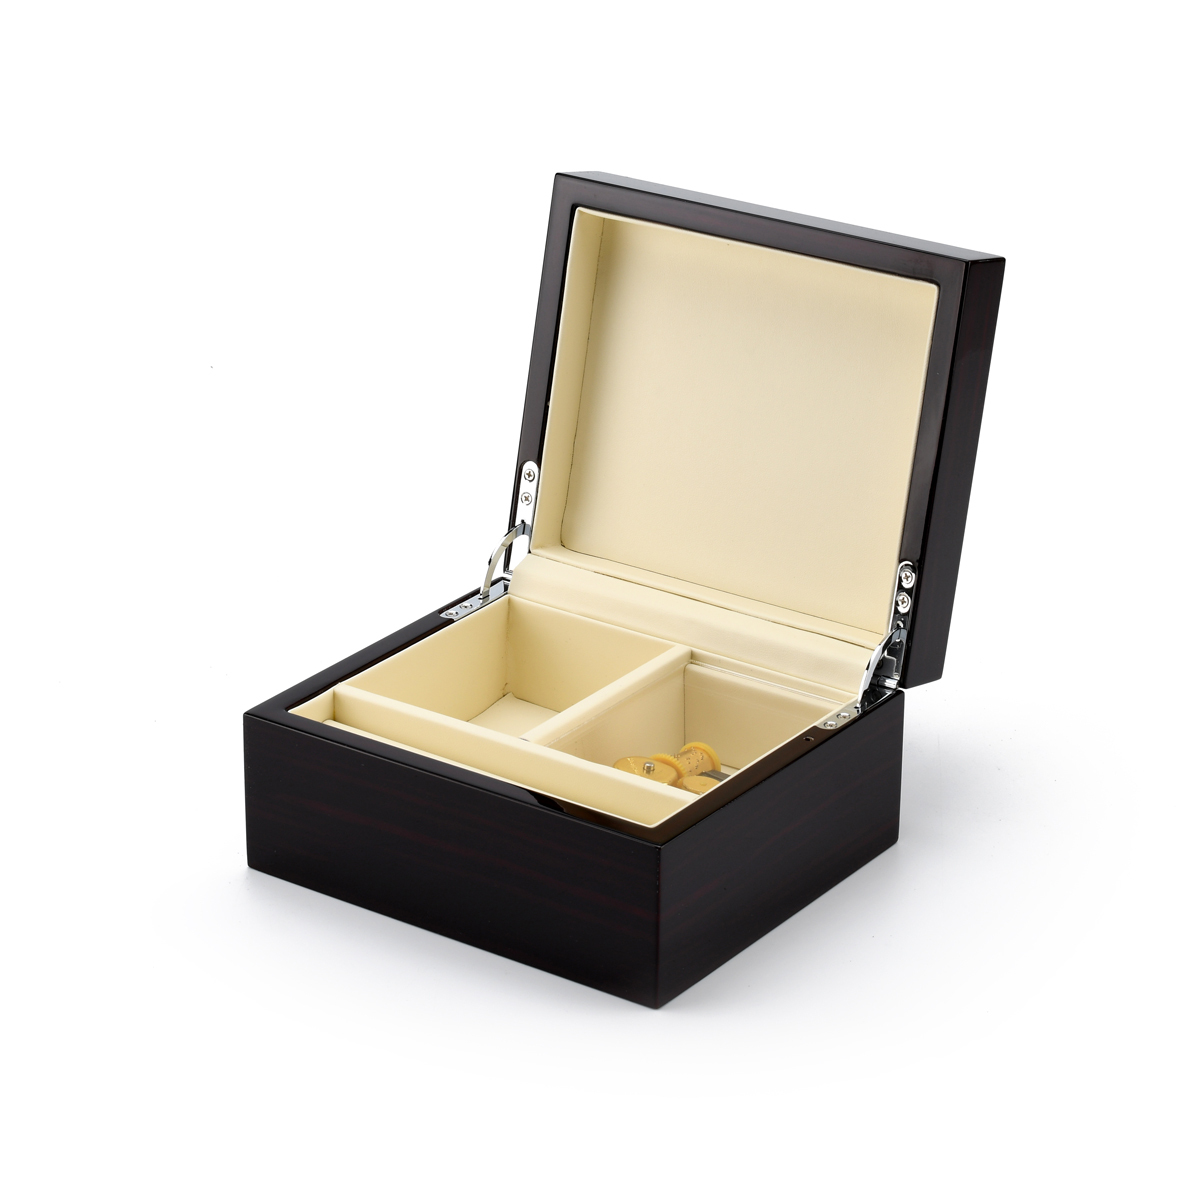 Contemporary Hi Gloss Macassar Finish 3.6 LCD Video Jewelry Box